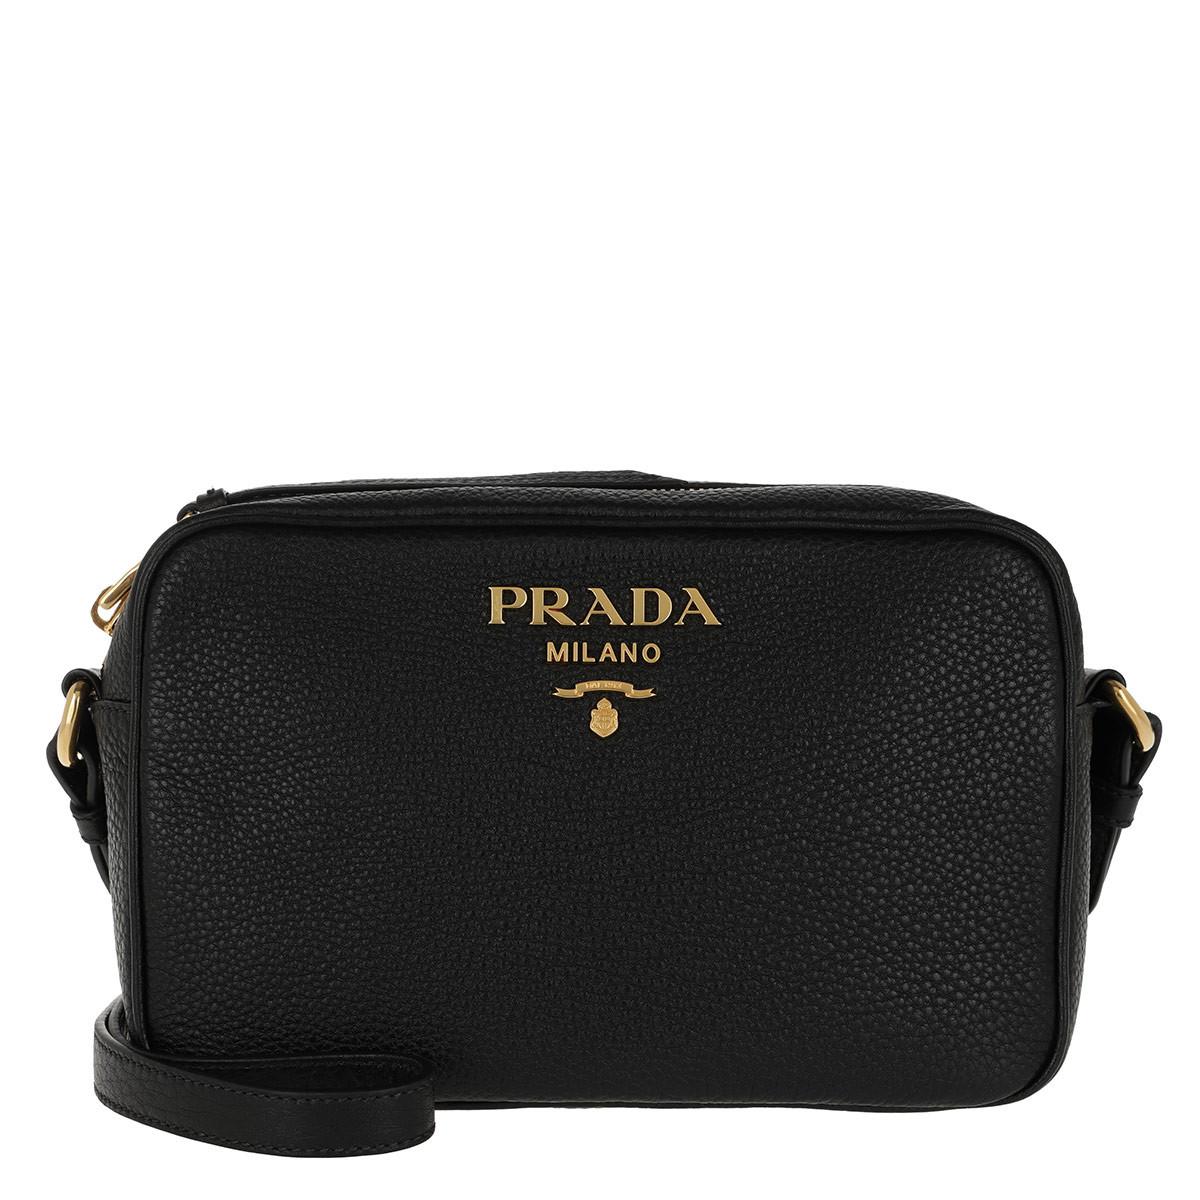 Prada Umhängetasche - Logo Crossbody Bag Calf Leather Black - in schwarz - für Damen